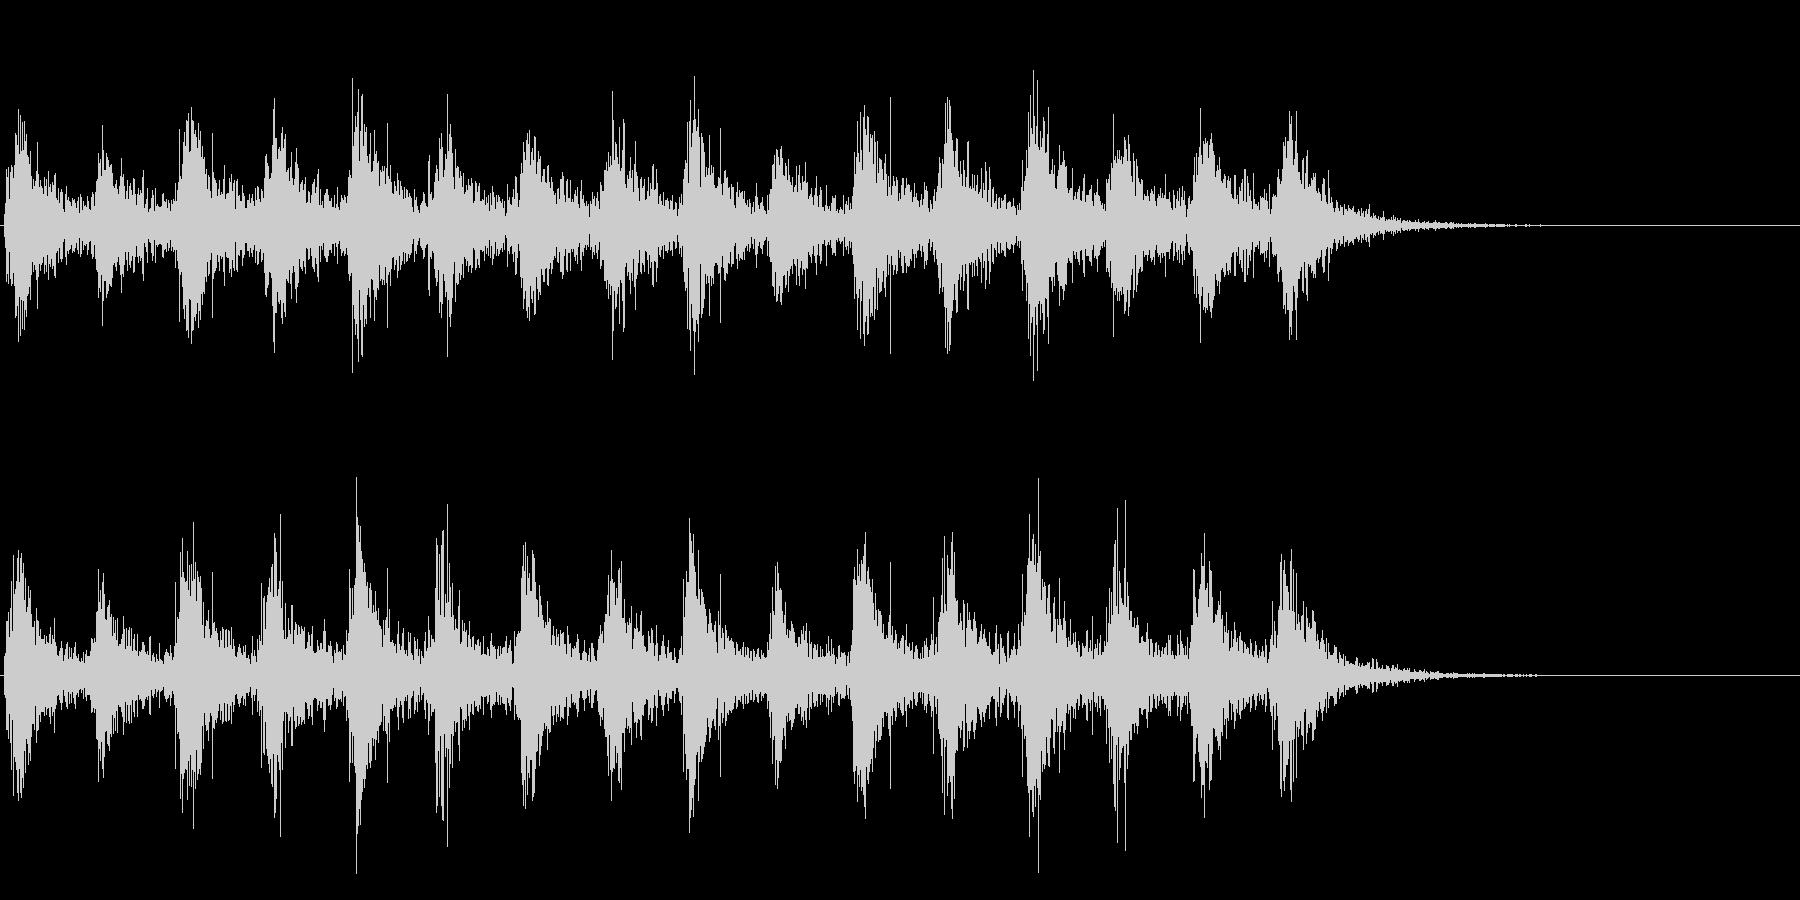 足音 行進の音(軍隊、兵隊、大人数等)6の未再生の波形